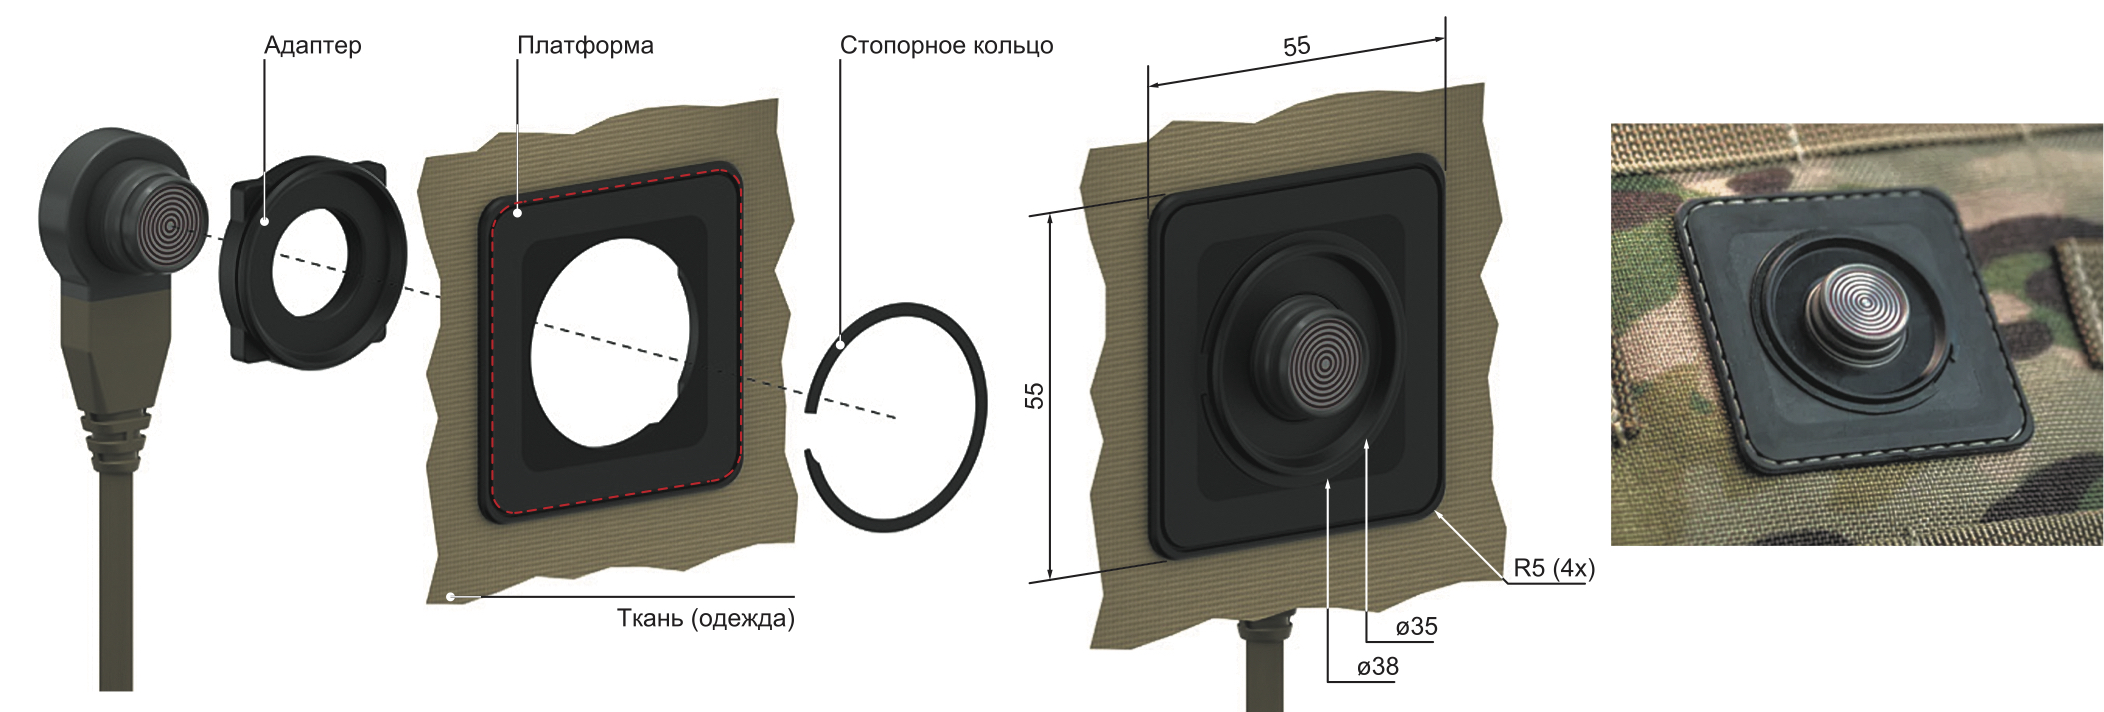 Комплект деталей для размещения соединителя на одежде